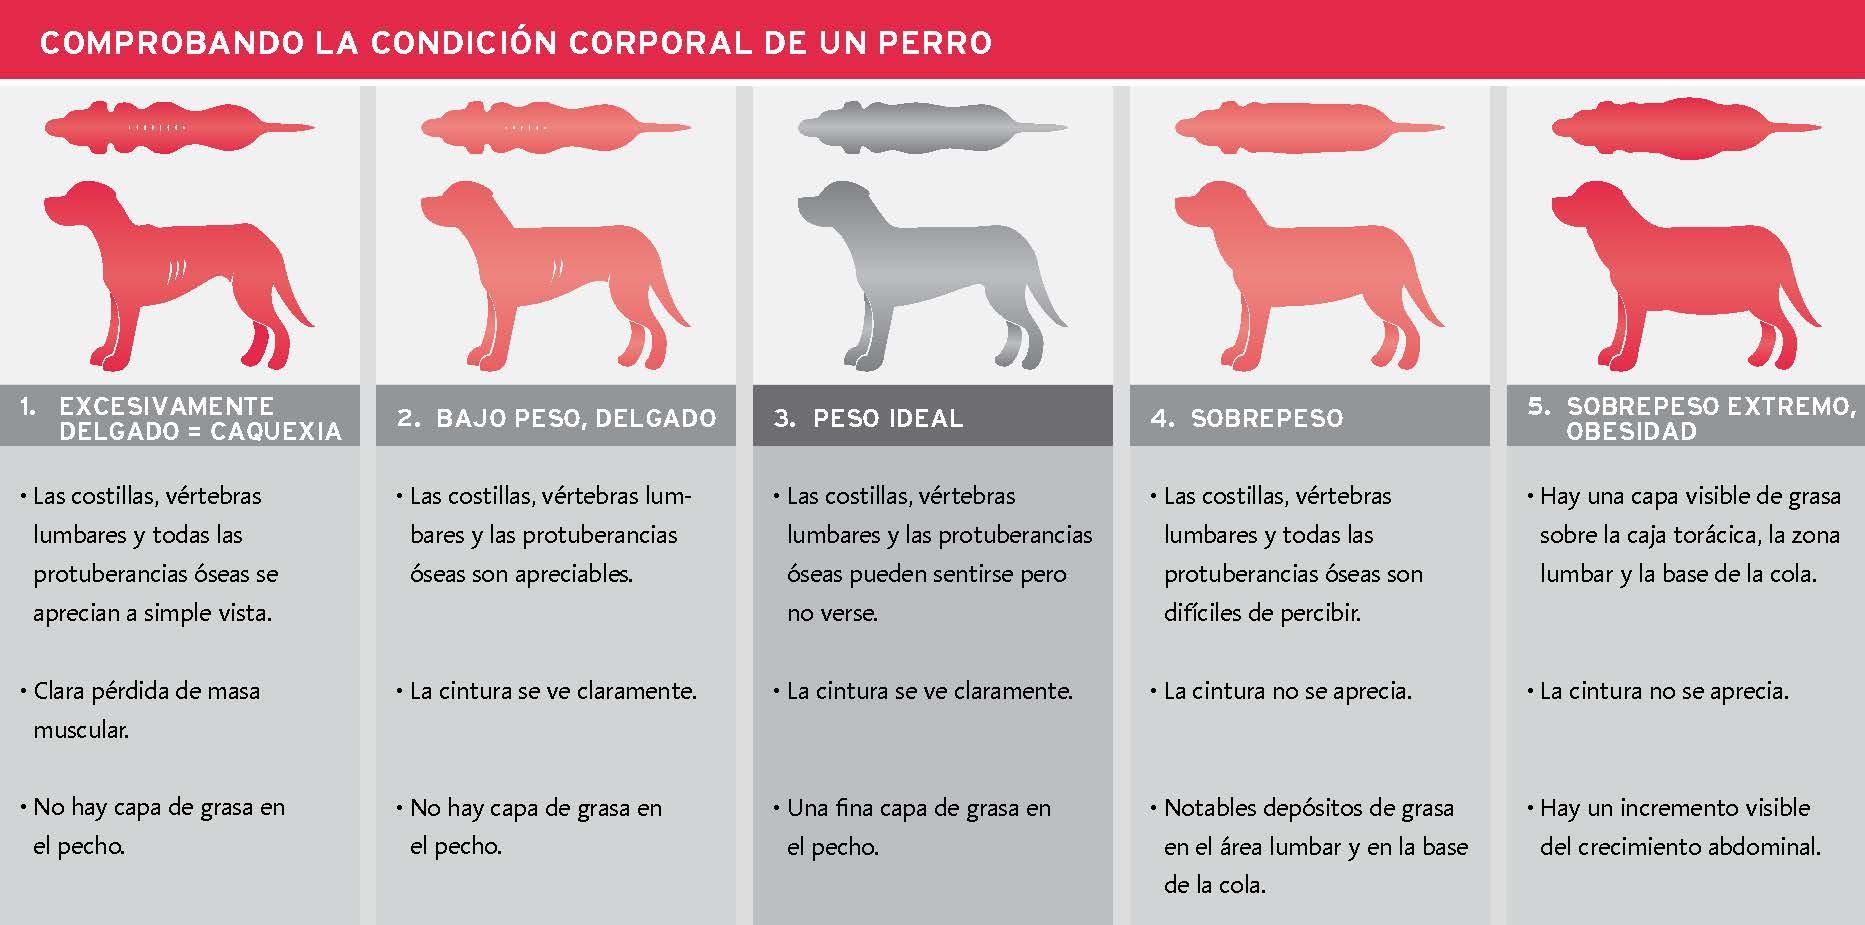 Cuál es el peso ideal de un perro?